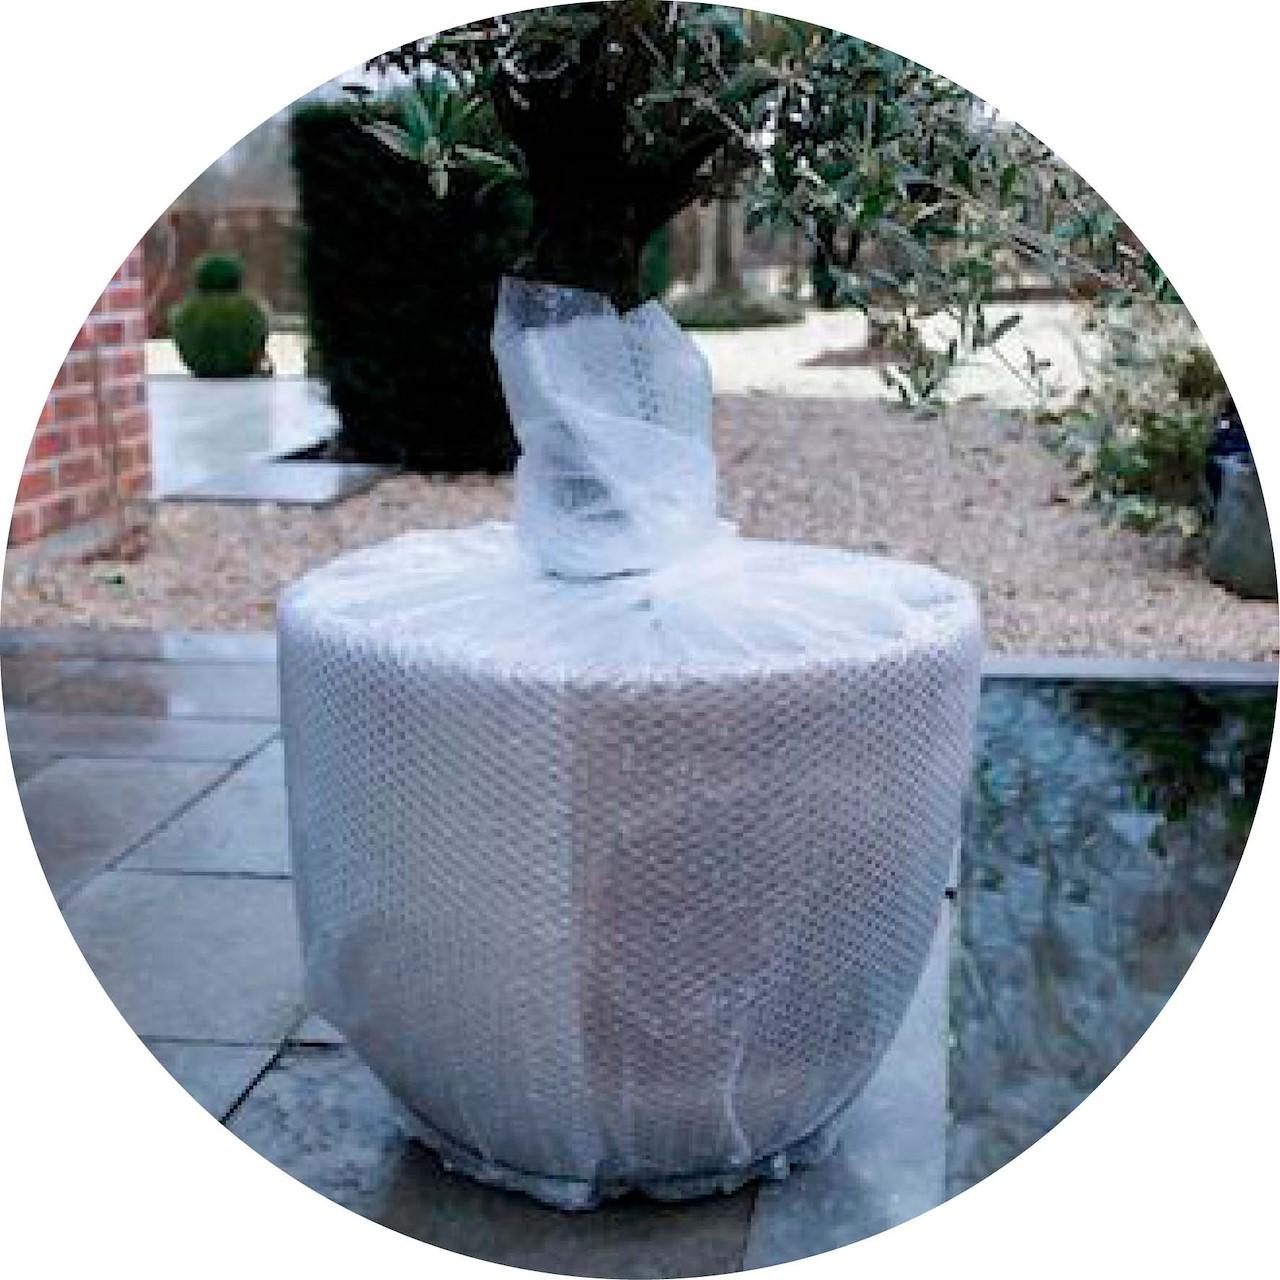 f5b7f8c4caf51b Planten beschermen tegen de kou: 7 vragen & antwoorden - Tuincentrum ...